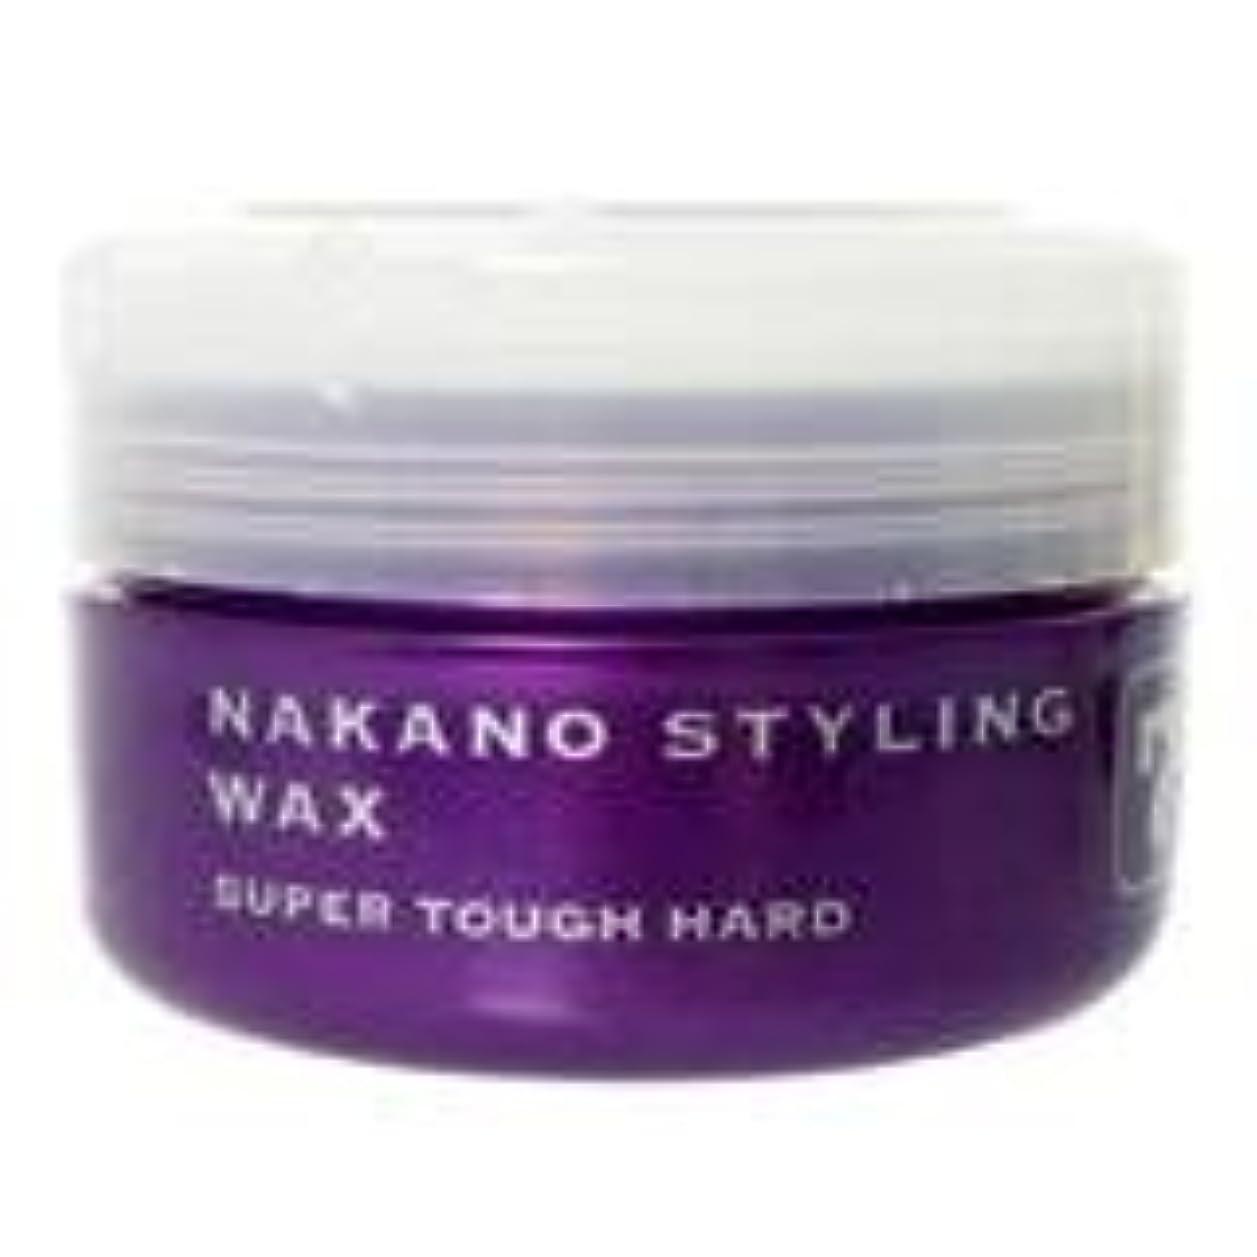 乱す現像原告ナカノ スタイリングワックス 7 スーパータフハード 90g 中野製薬 NAKANO